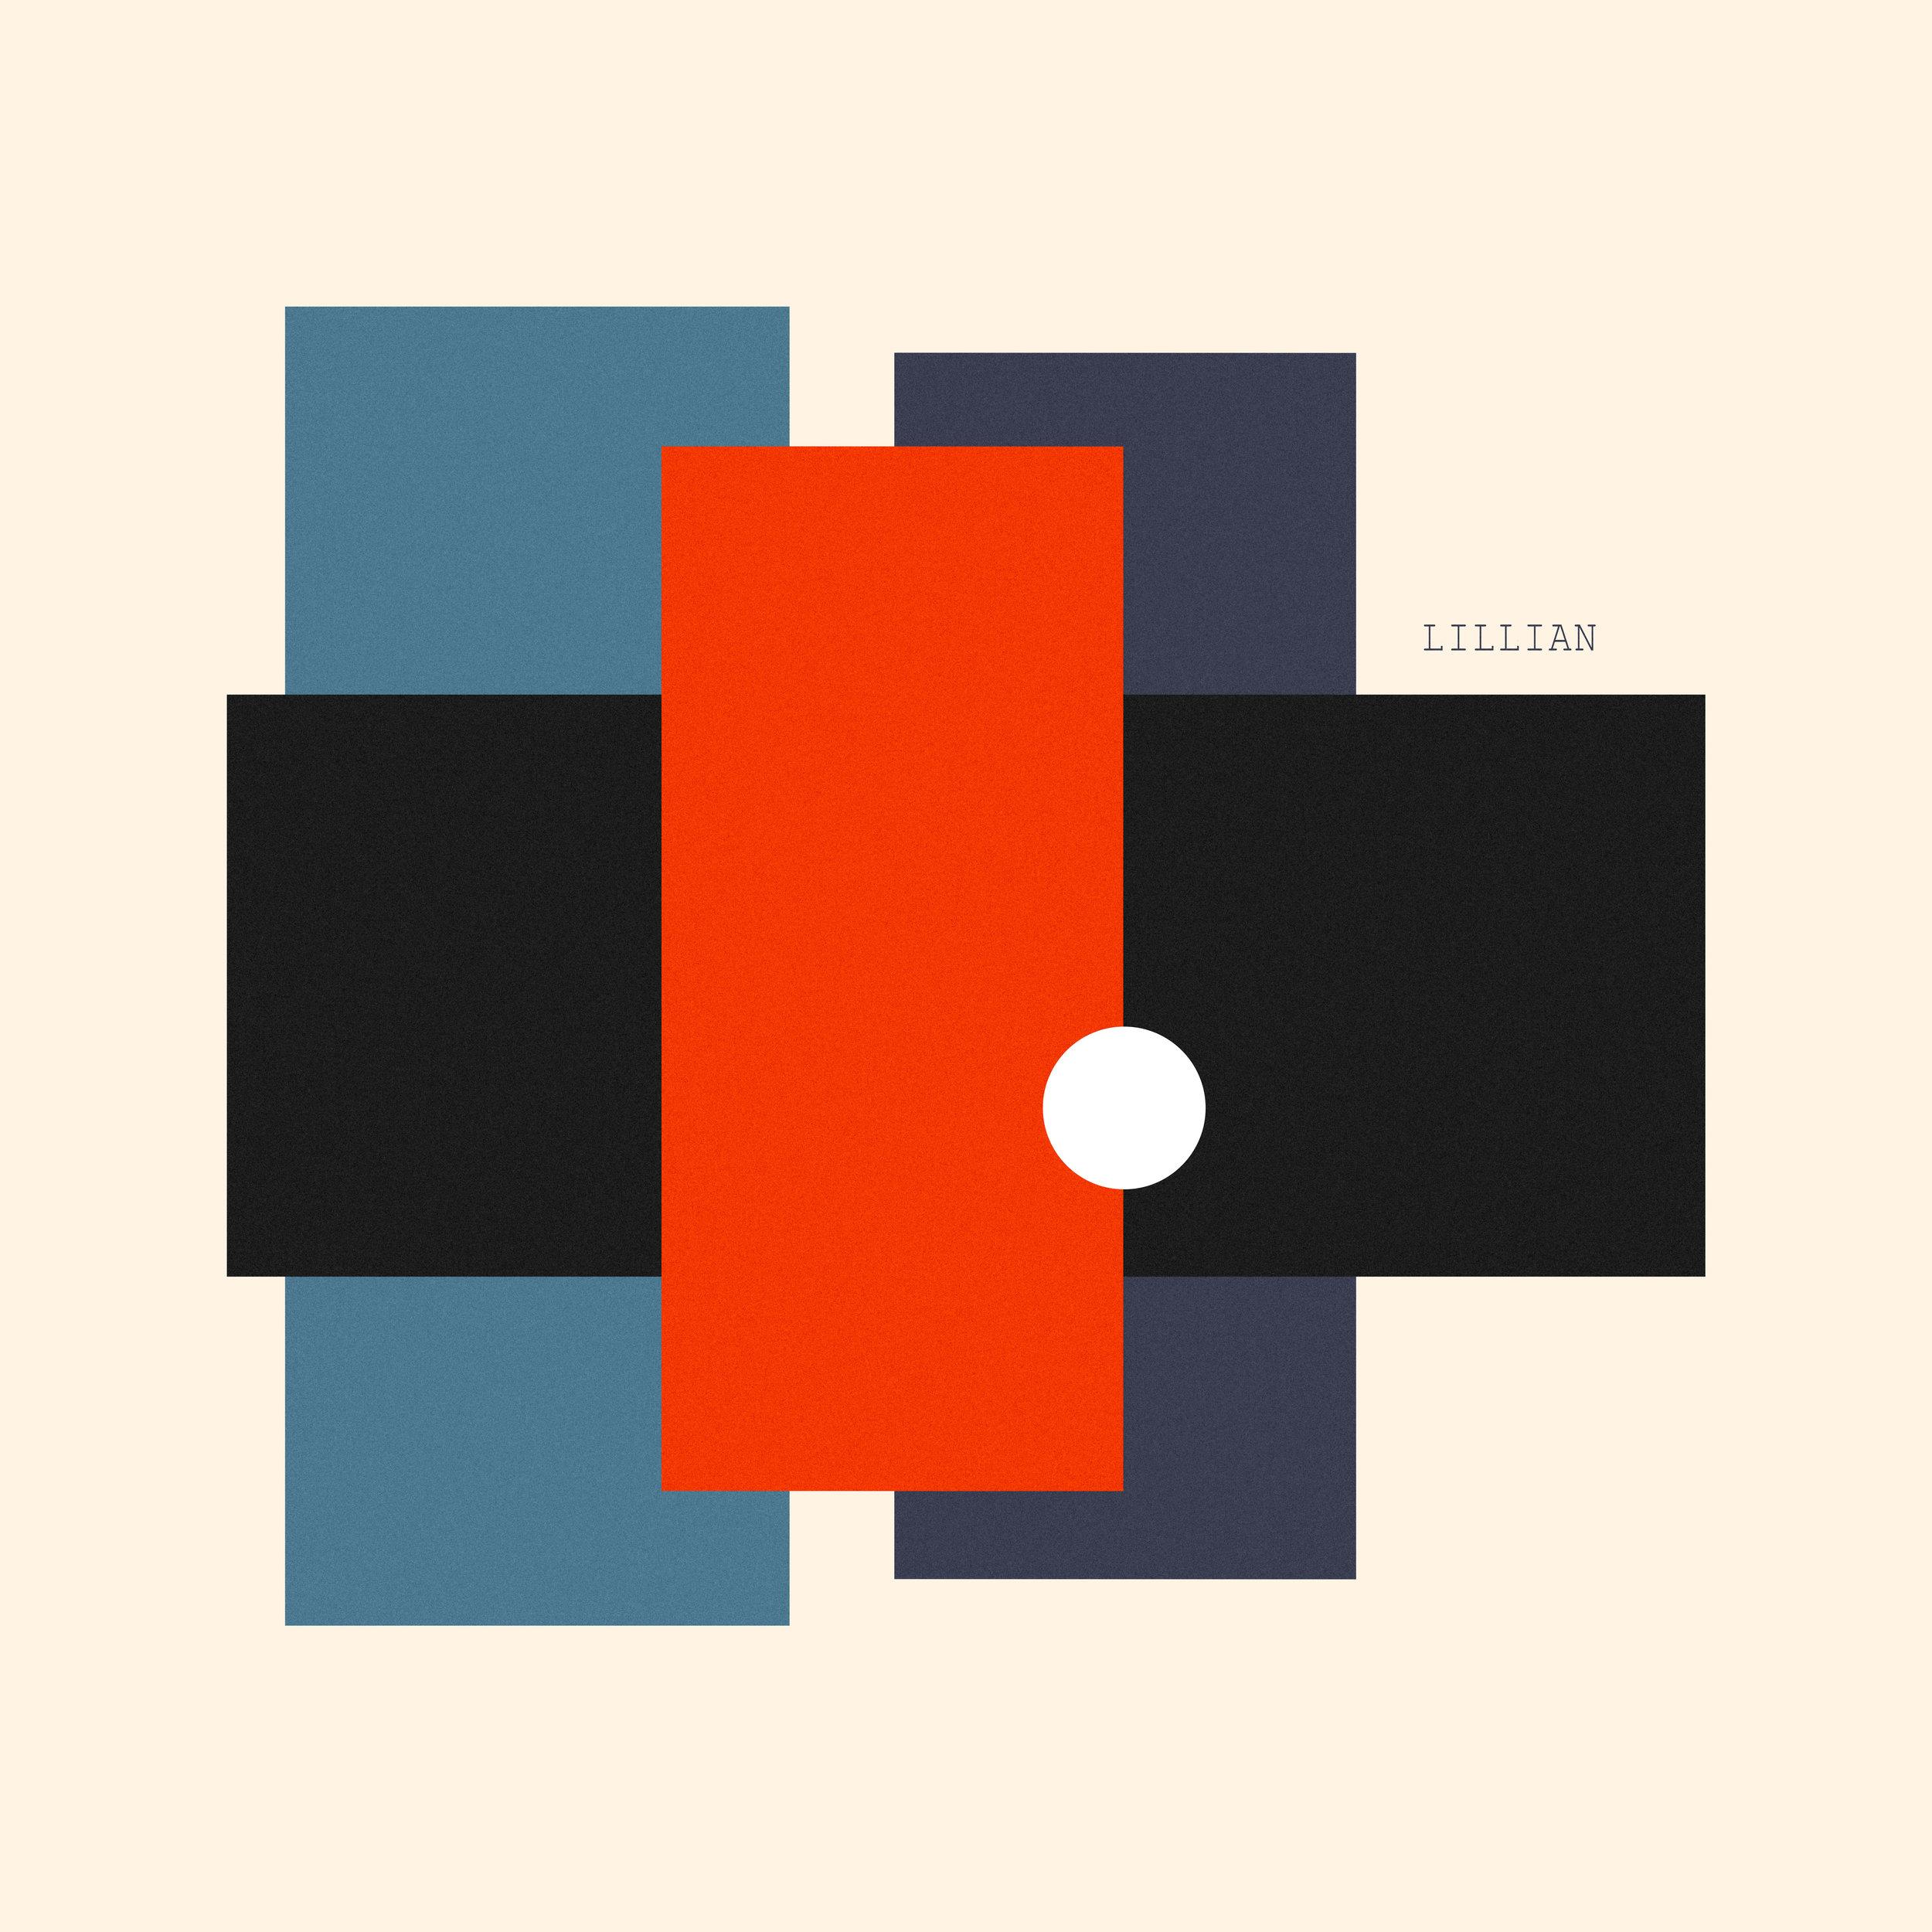 will-pellerin-ep-cover-FULL-6x6.jpg